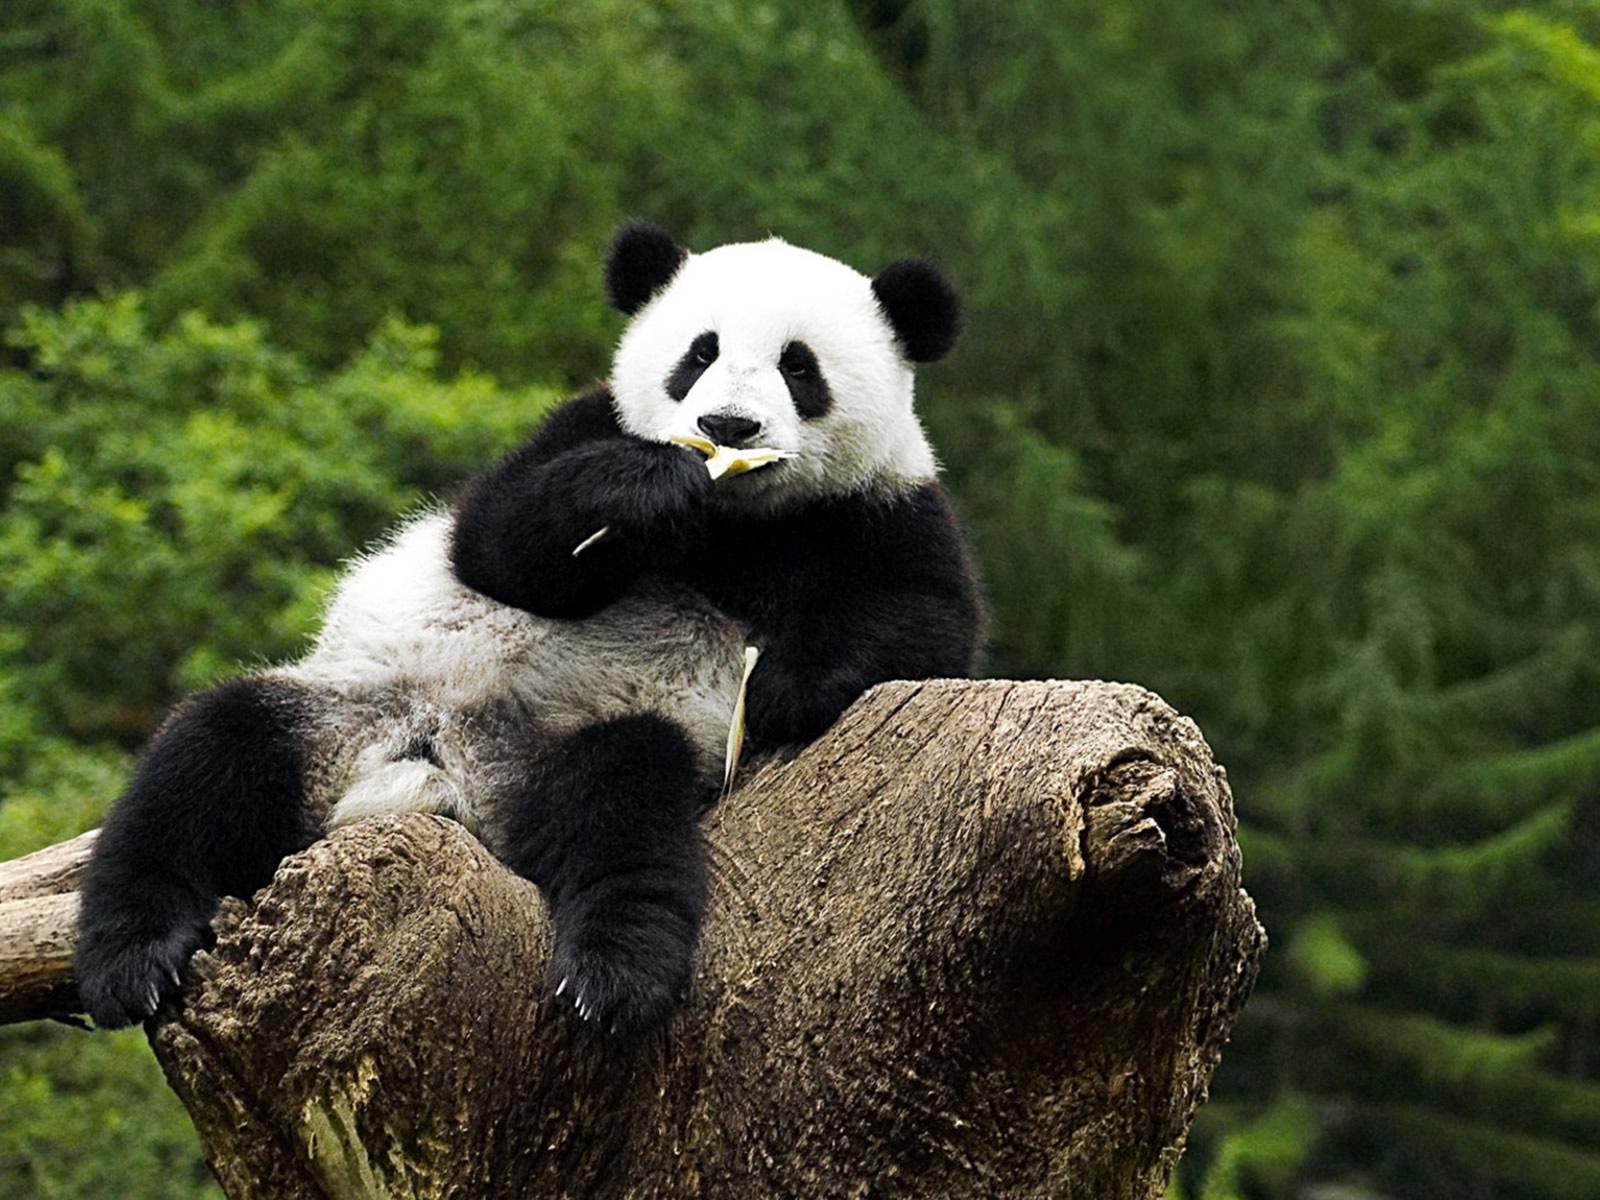 Description Panda Wallpaper HD is a hi res Wallpaper for pc desktops 1600x1200